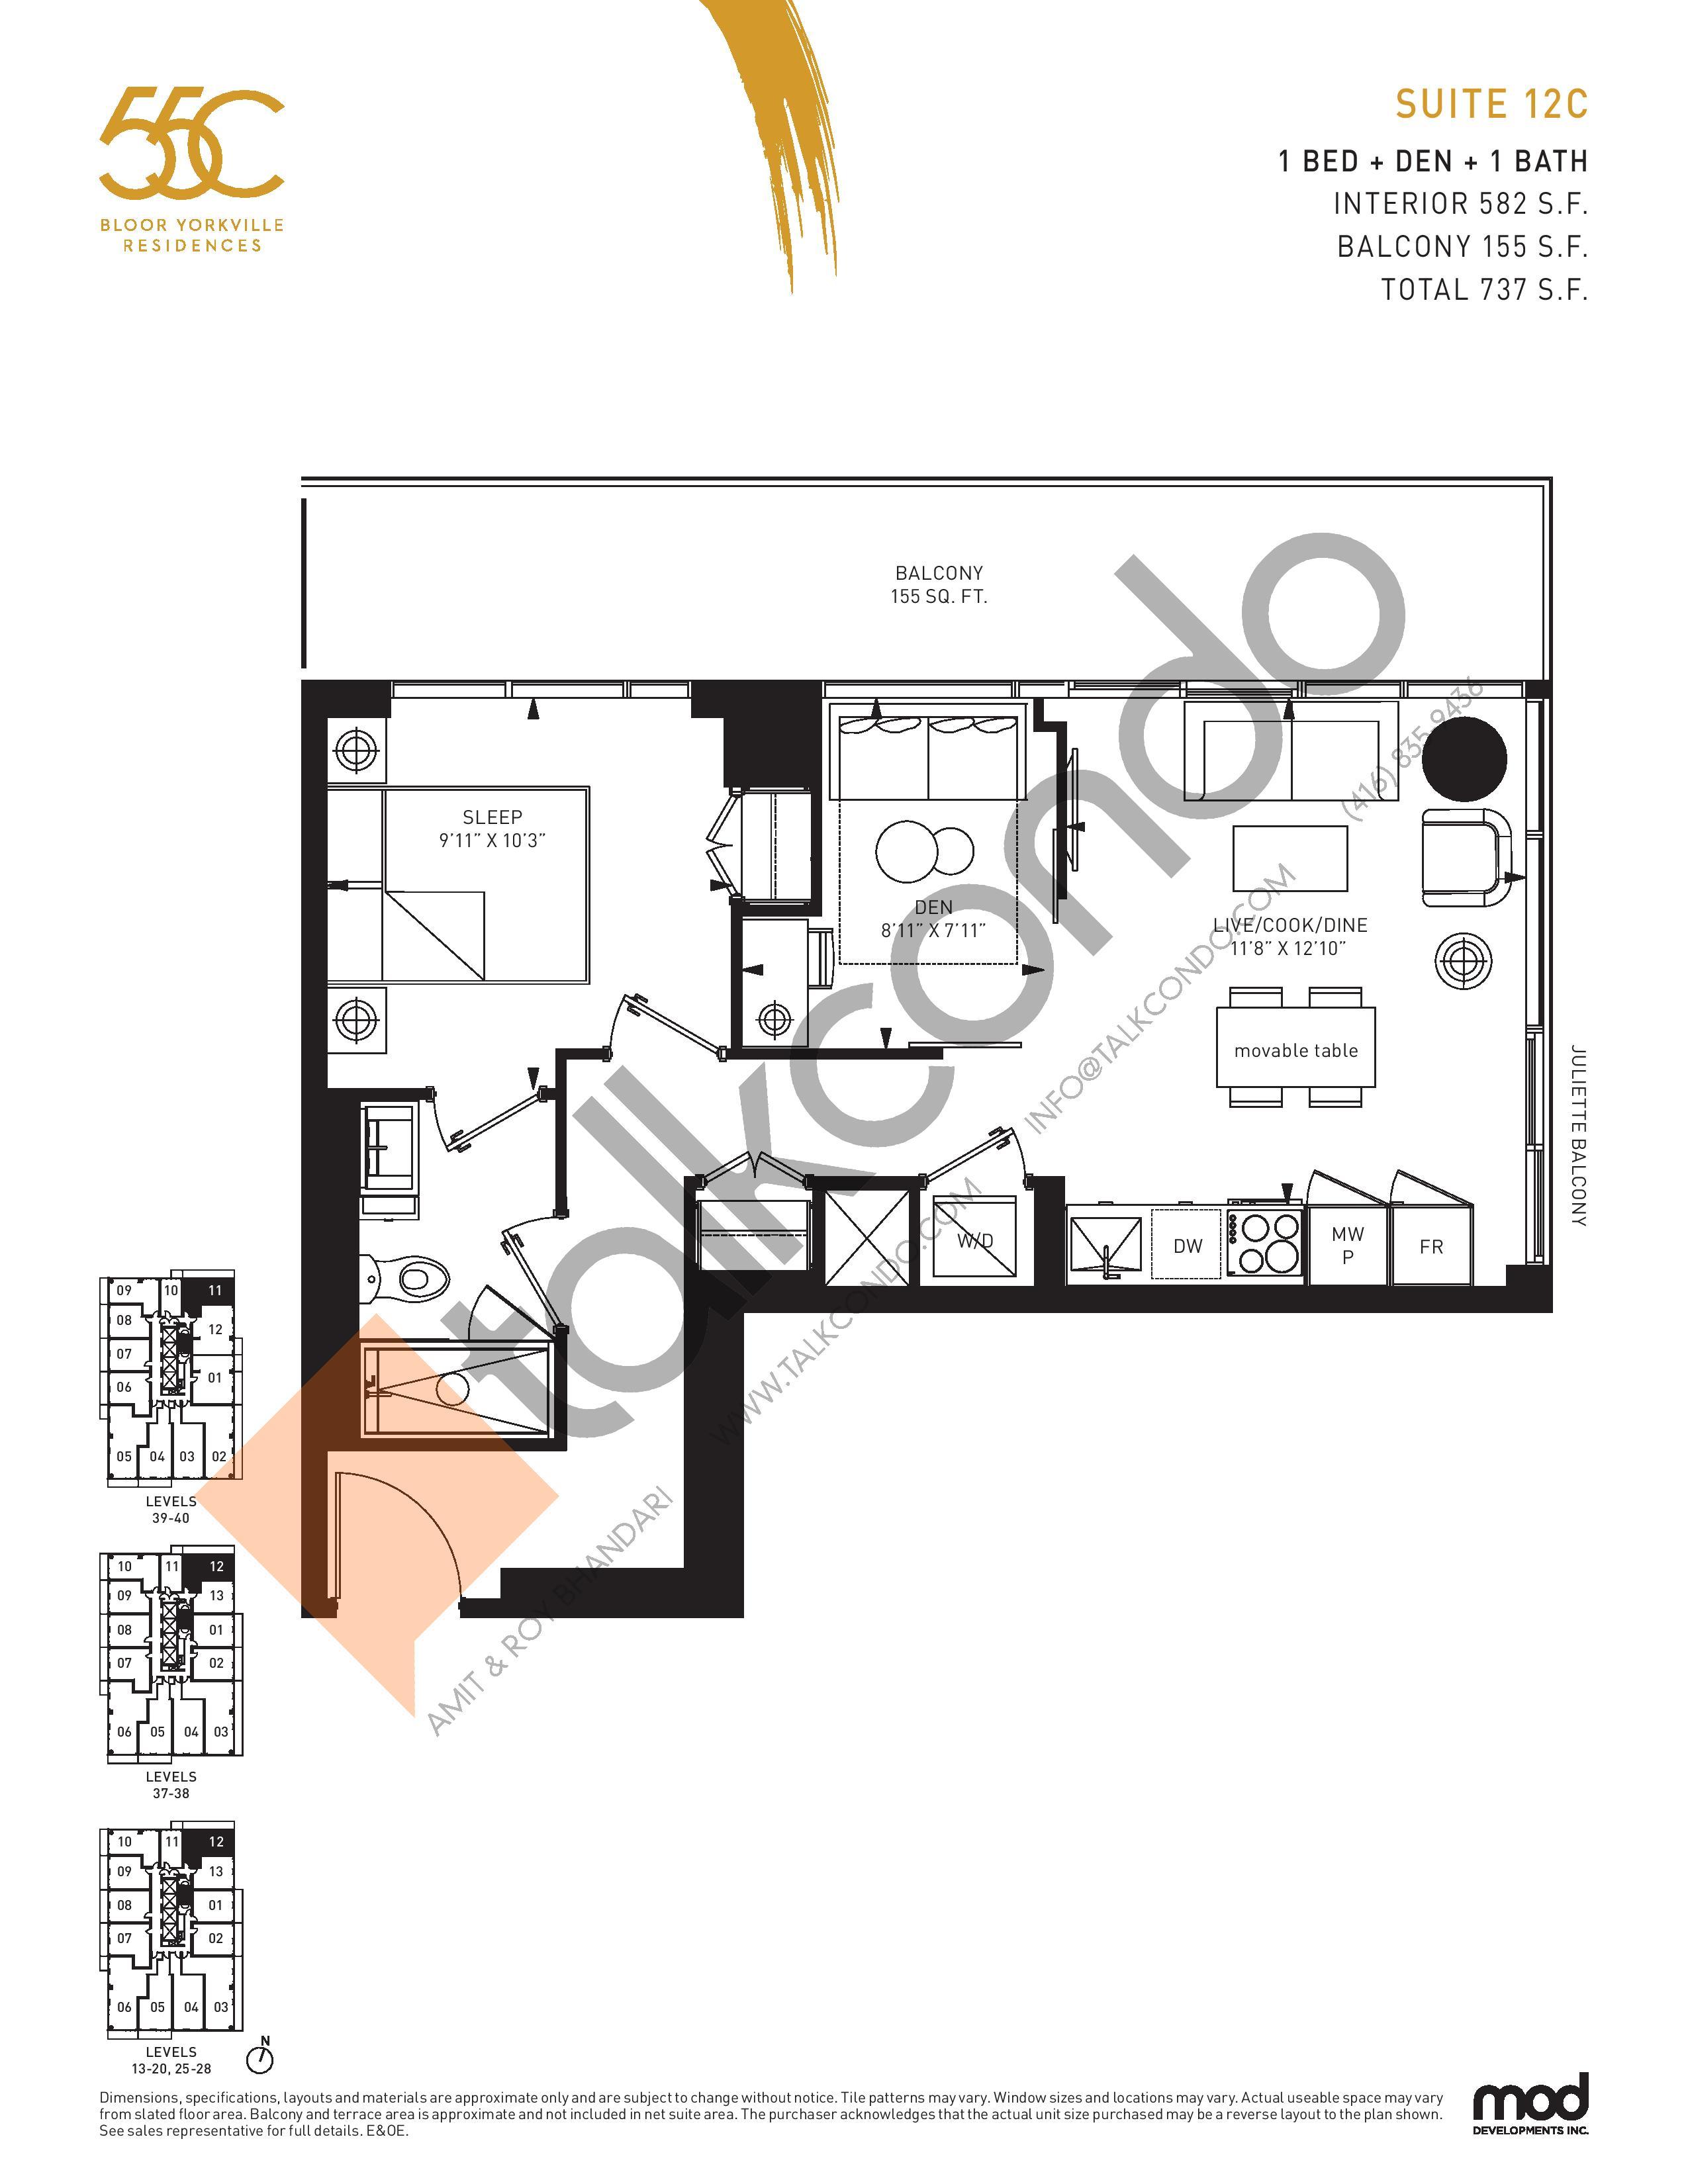 Suite 12C Floor Plan at 55C Condos - 582 sq.ft